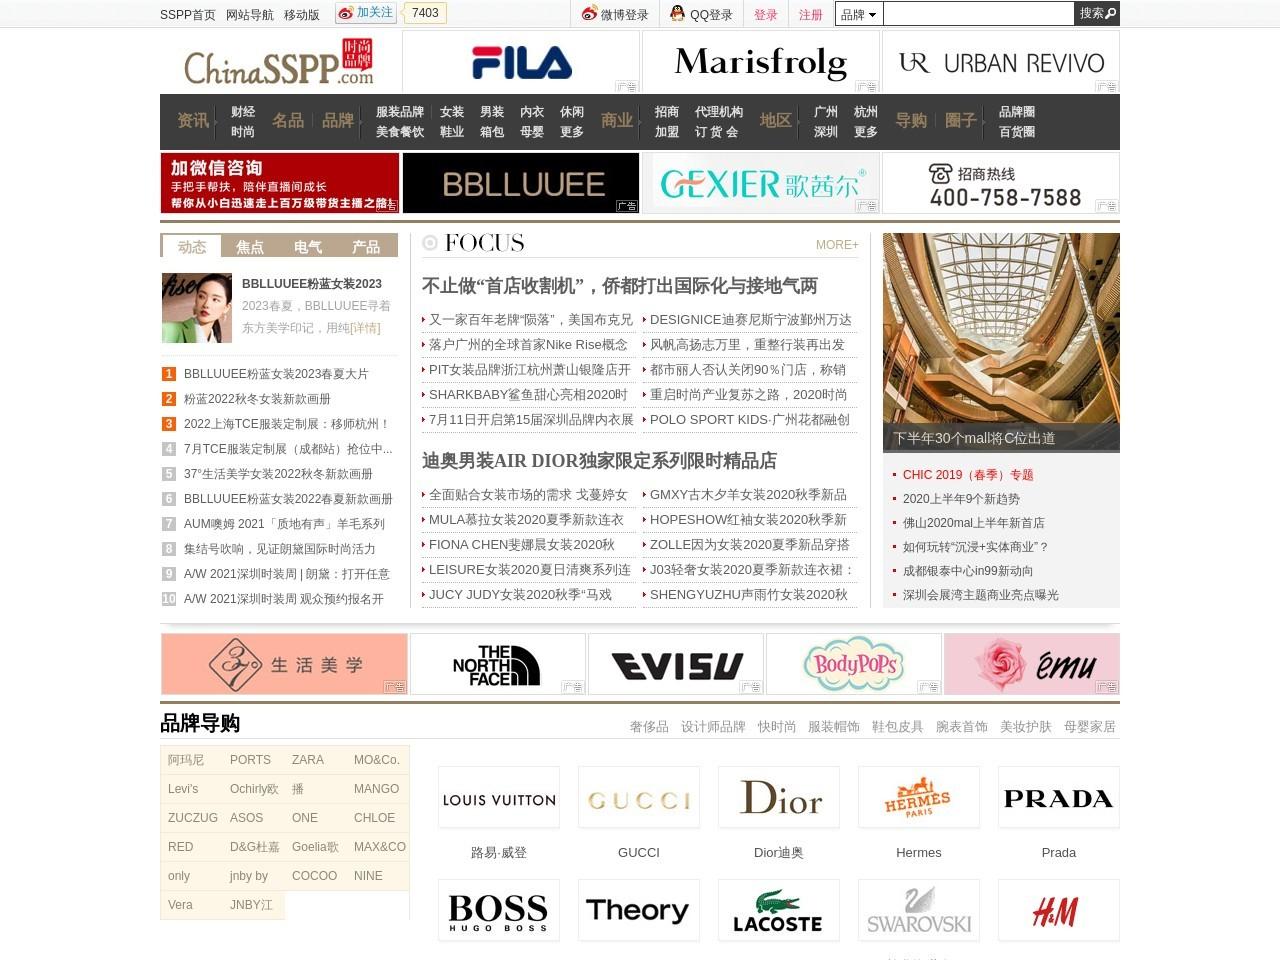 时尚品牌网-服装品牌,男装品牌,女装品牌,服装,服饰,女装,男装,时尚服装品牌代理加盟网